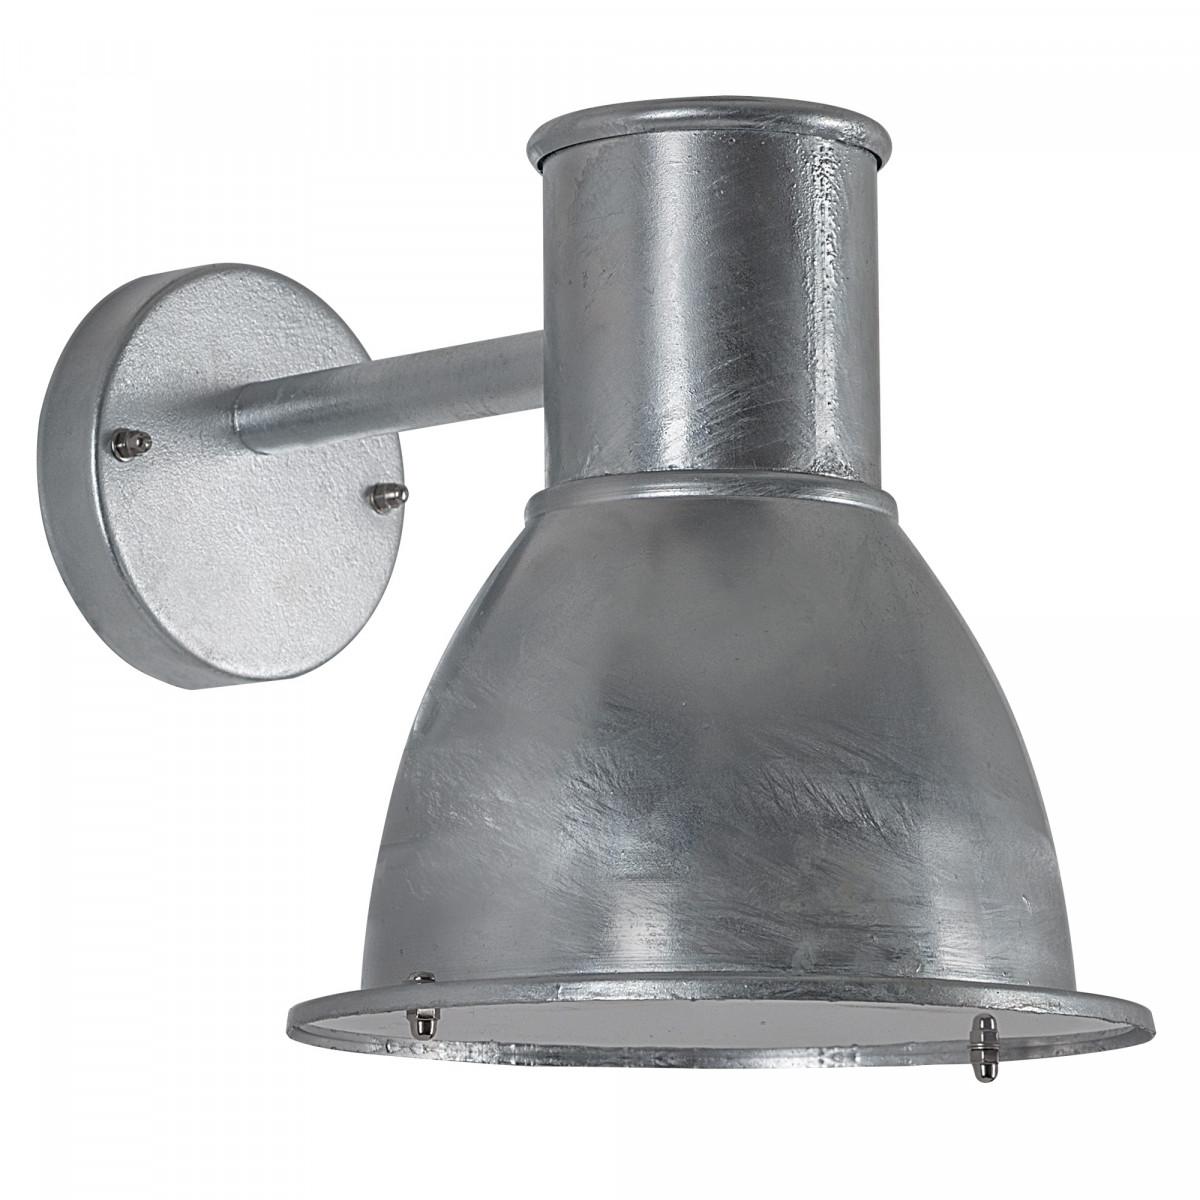 Buitenlamp Barn verzinkt, moderne wandverlichting voor buiten, buitenverlichting gegalvaniseerd, type stallamp, unieke trendy wandlamp van KS Verlichting